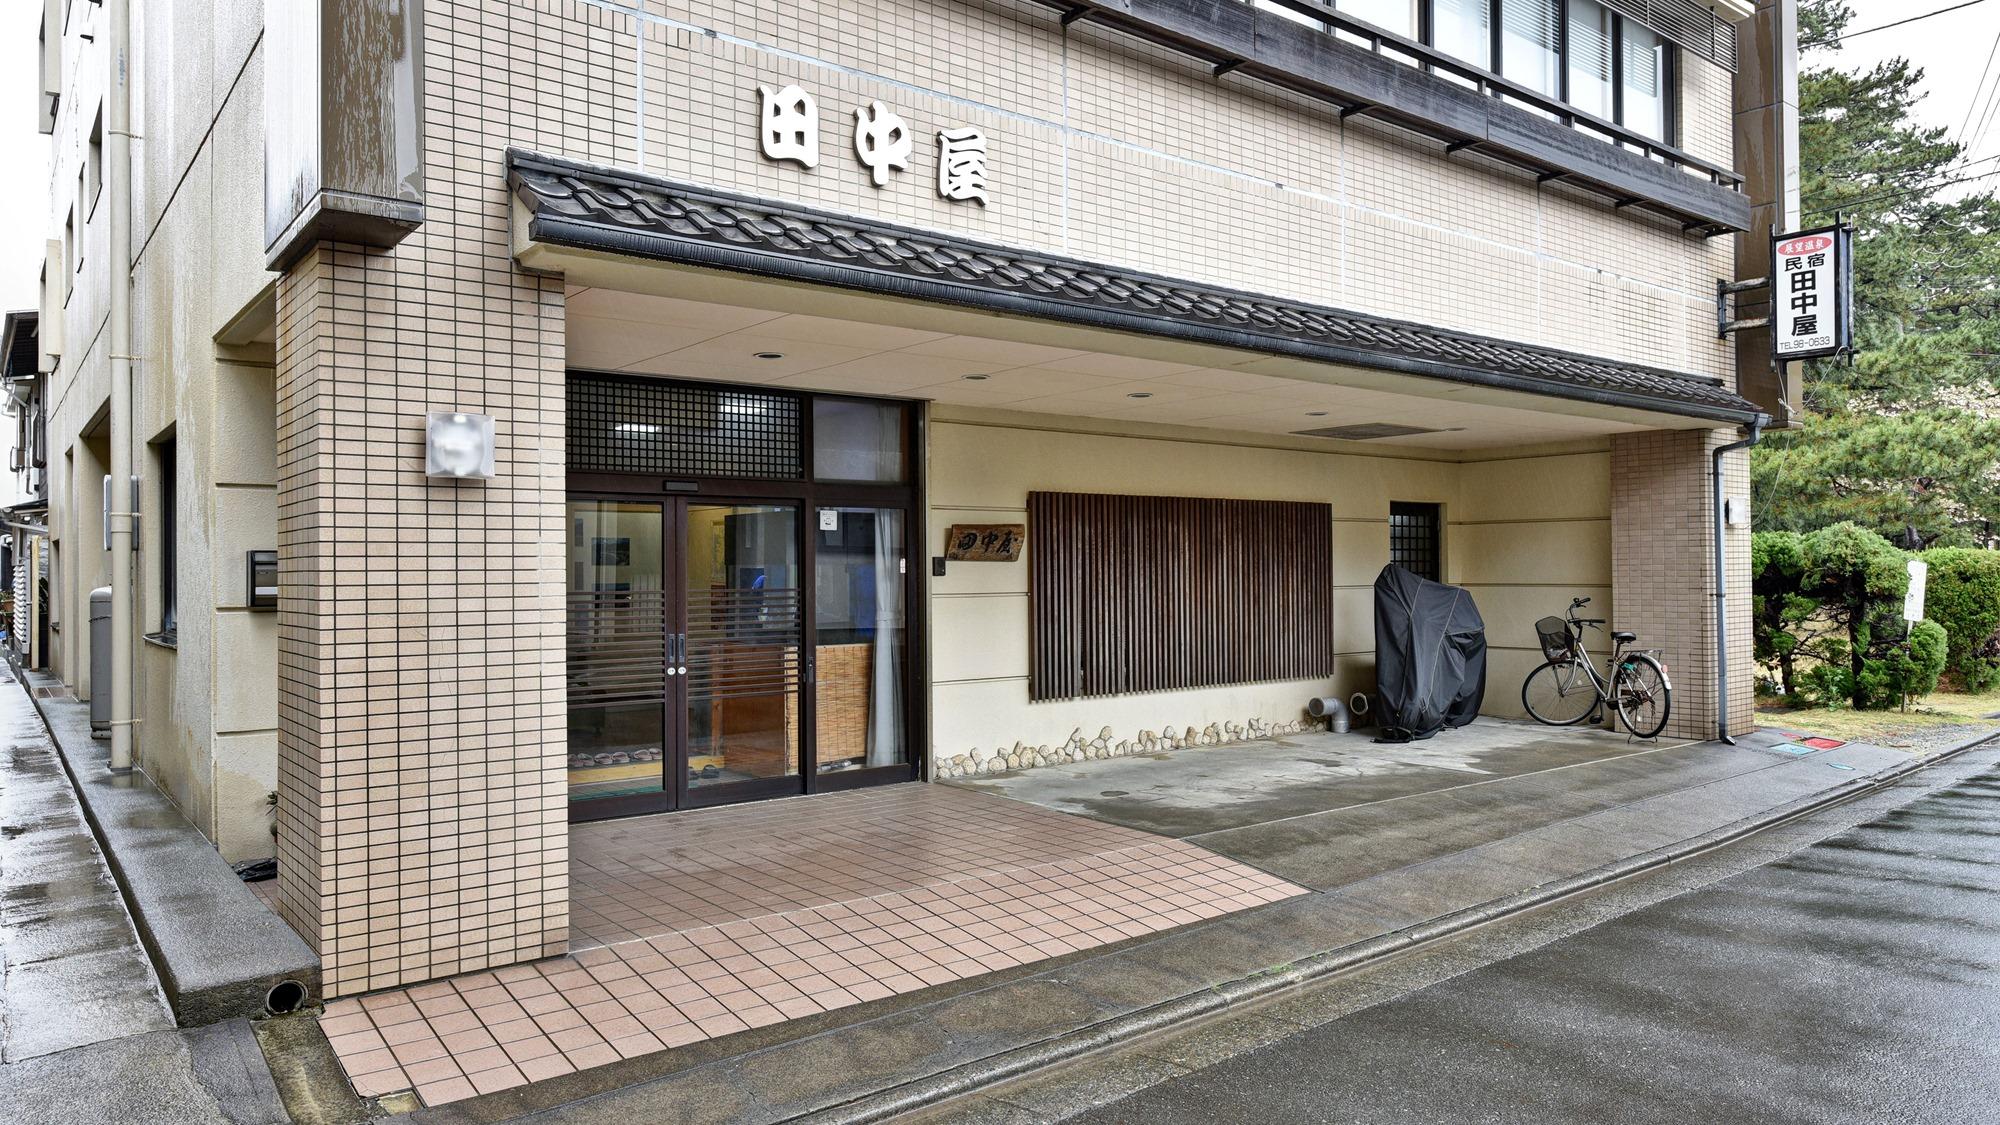 温泉民宿 田中屋◆楽天トラベル